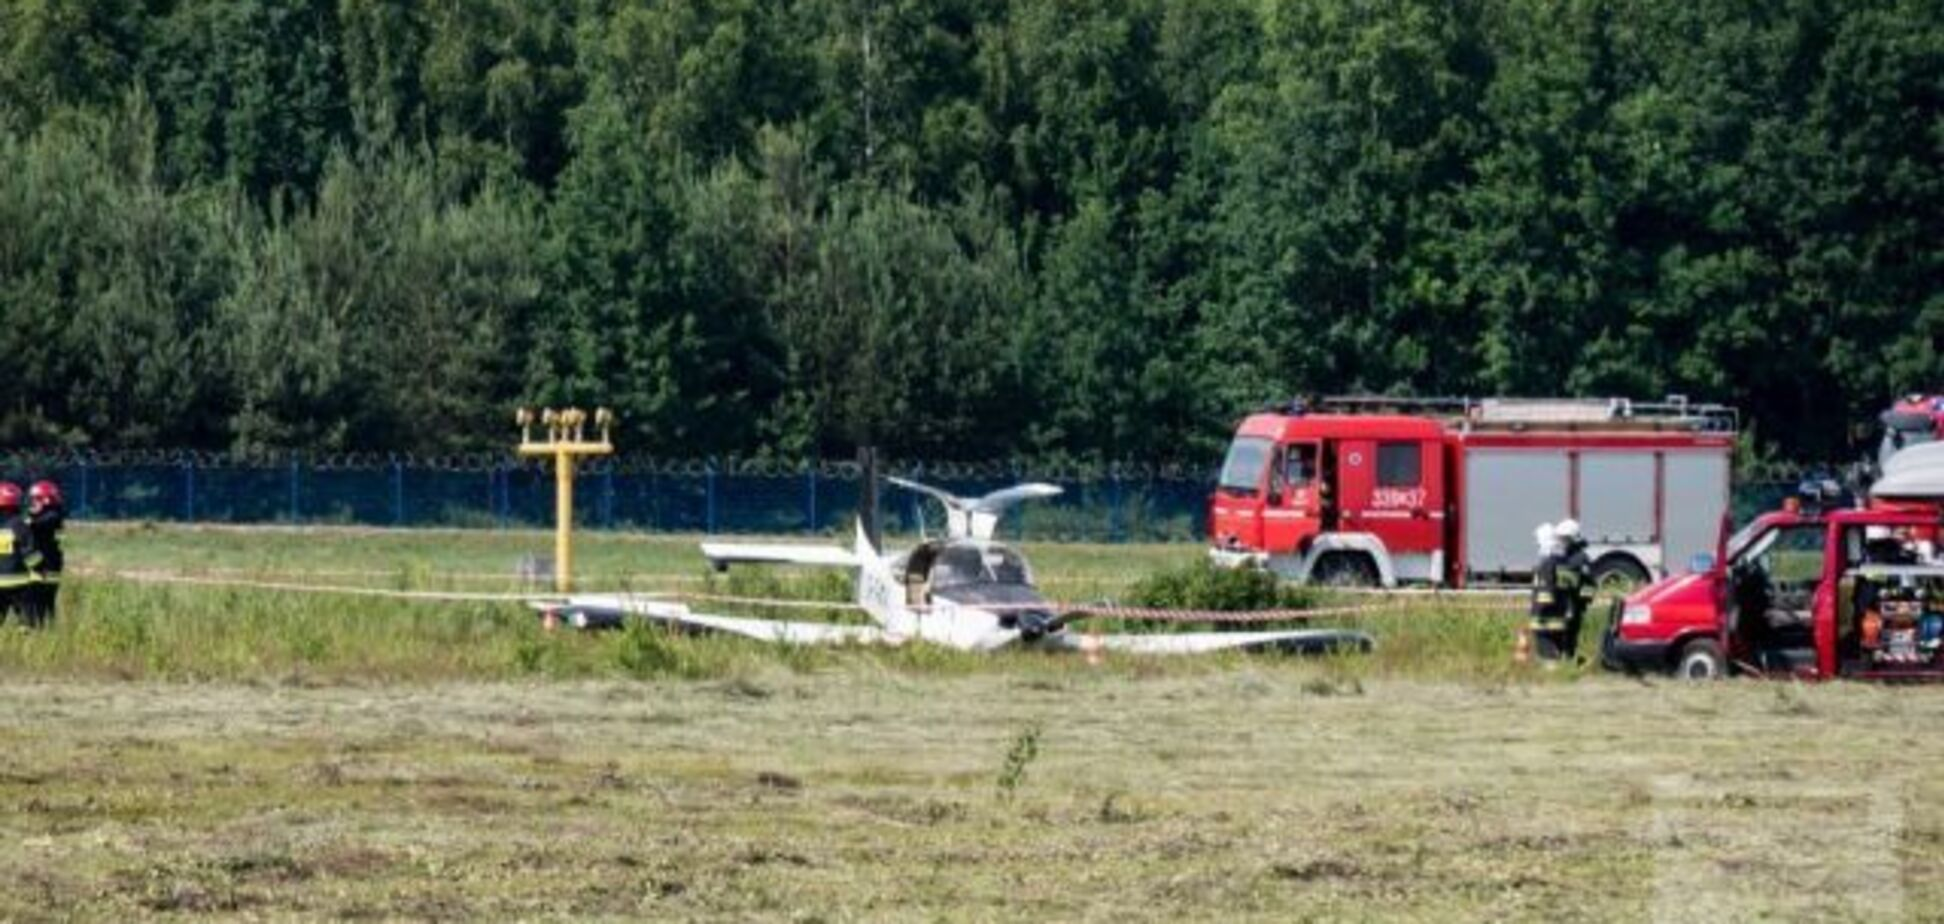 Авикатастрофа с нардепом в Польше: стало известно о состоянии украинцев